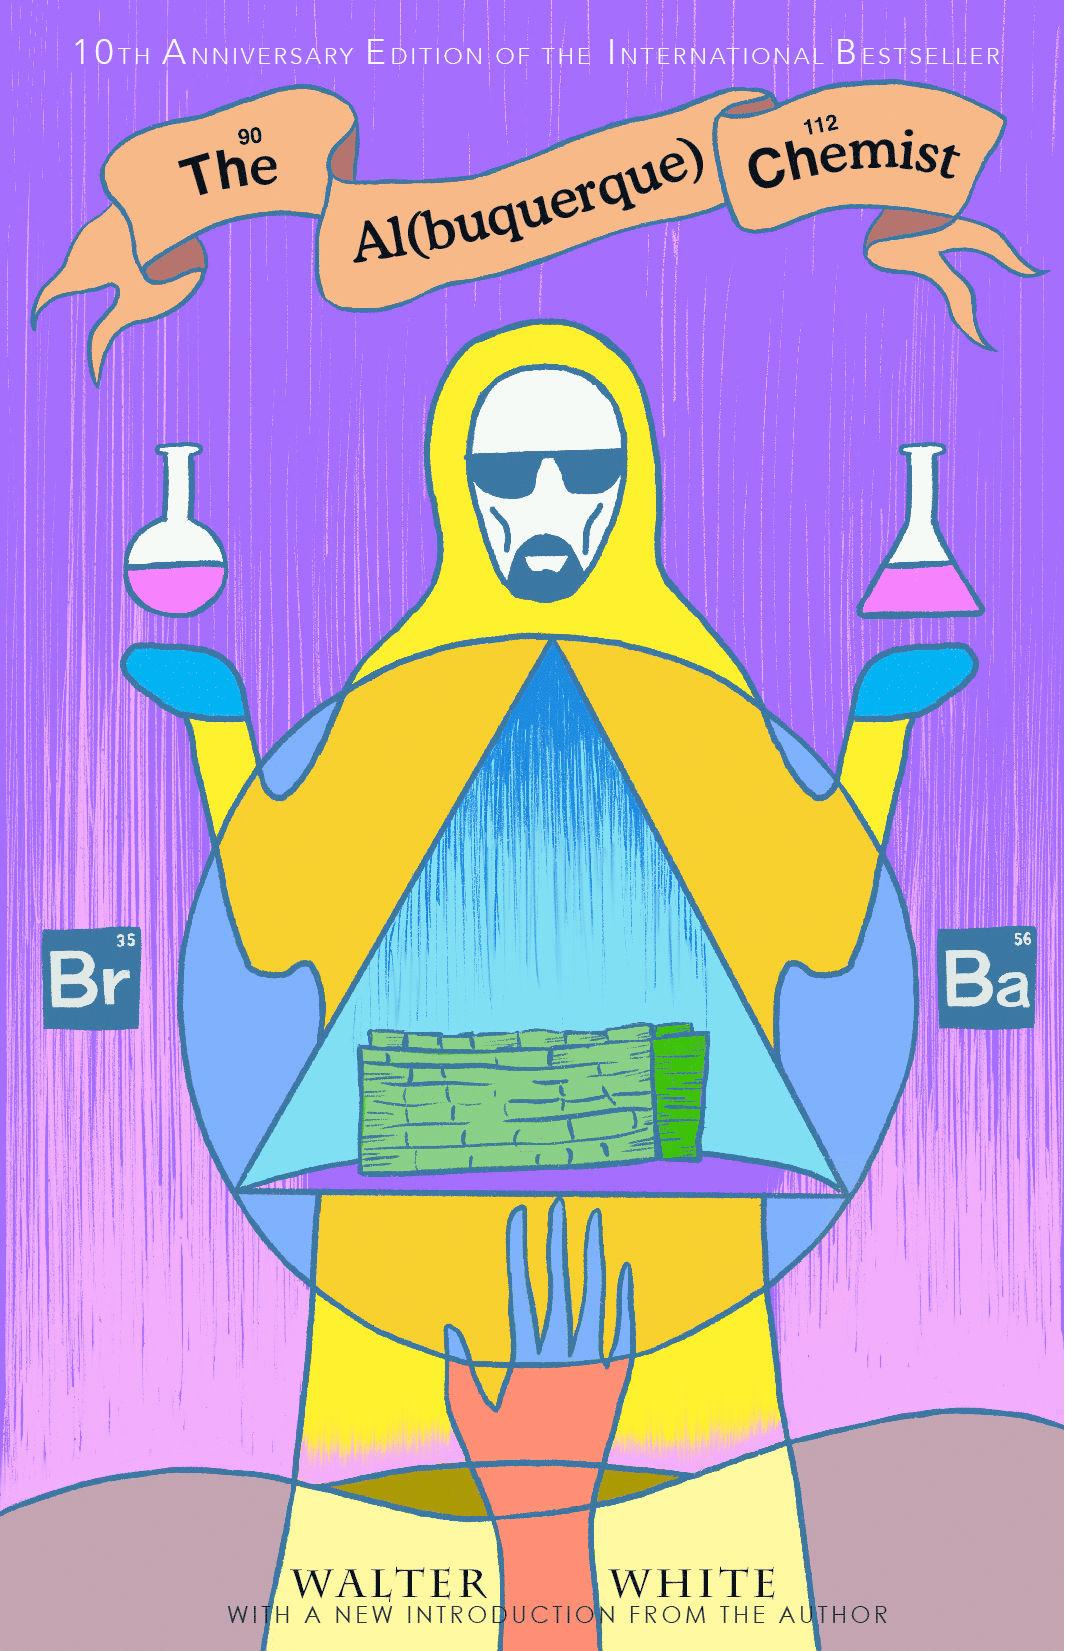 The Al(buquerque) Chemist